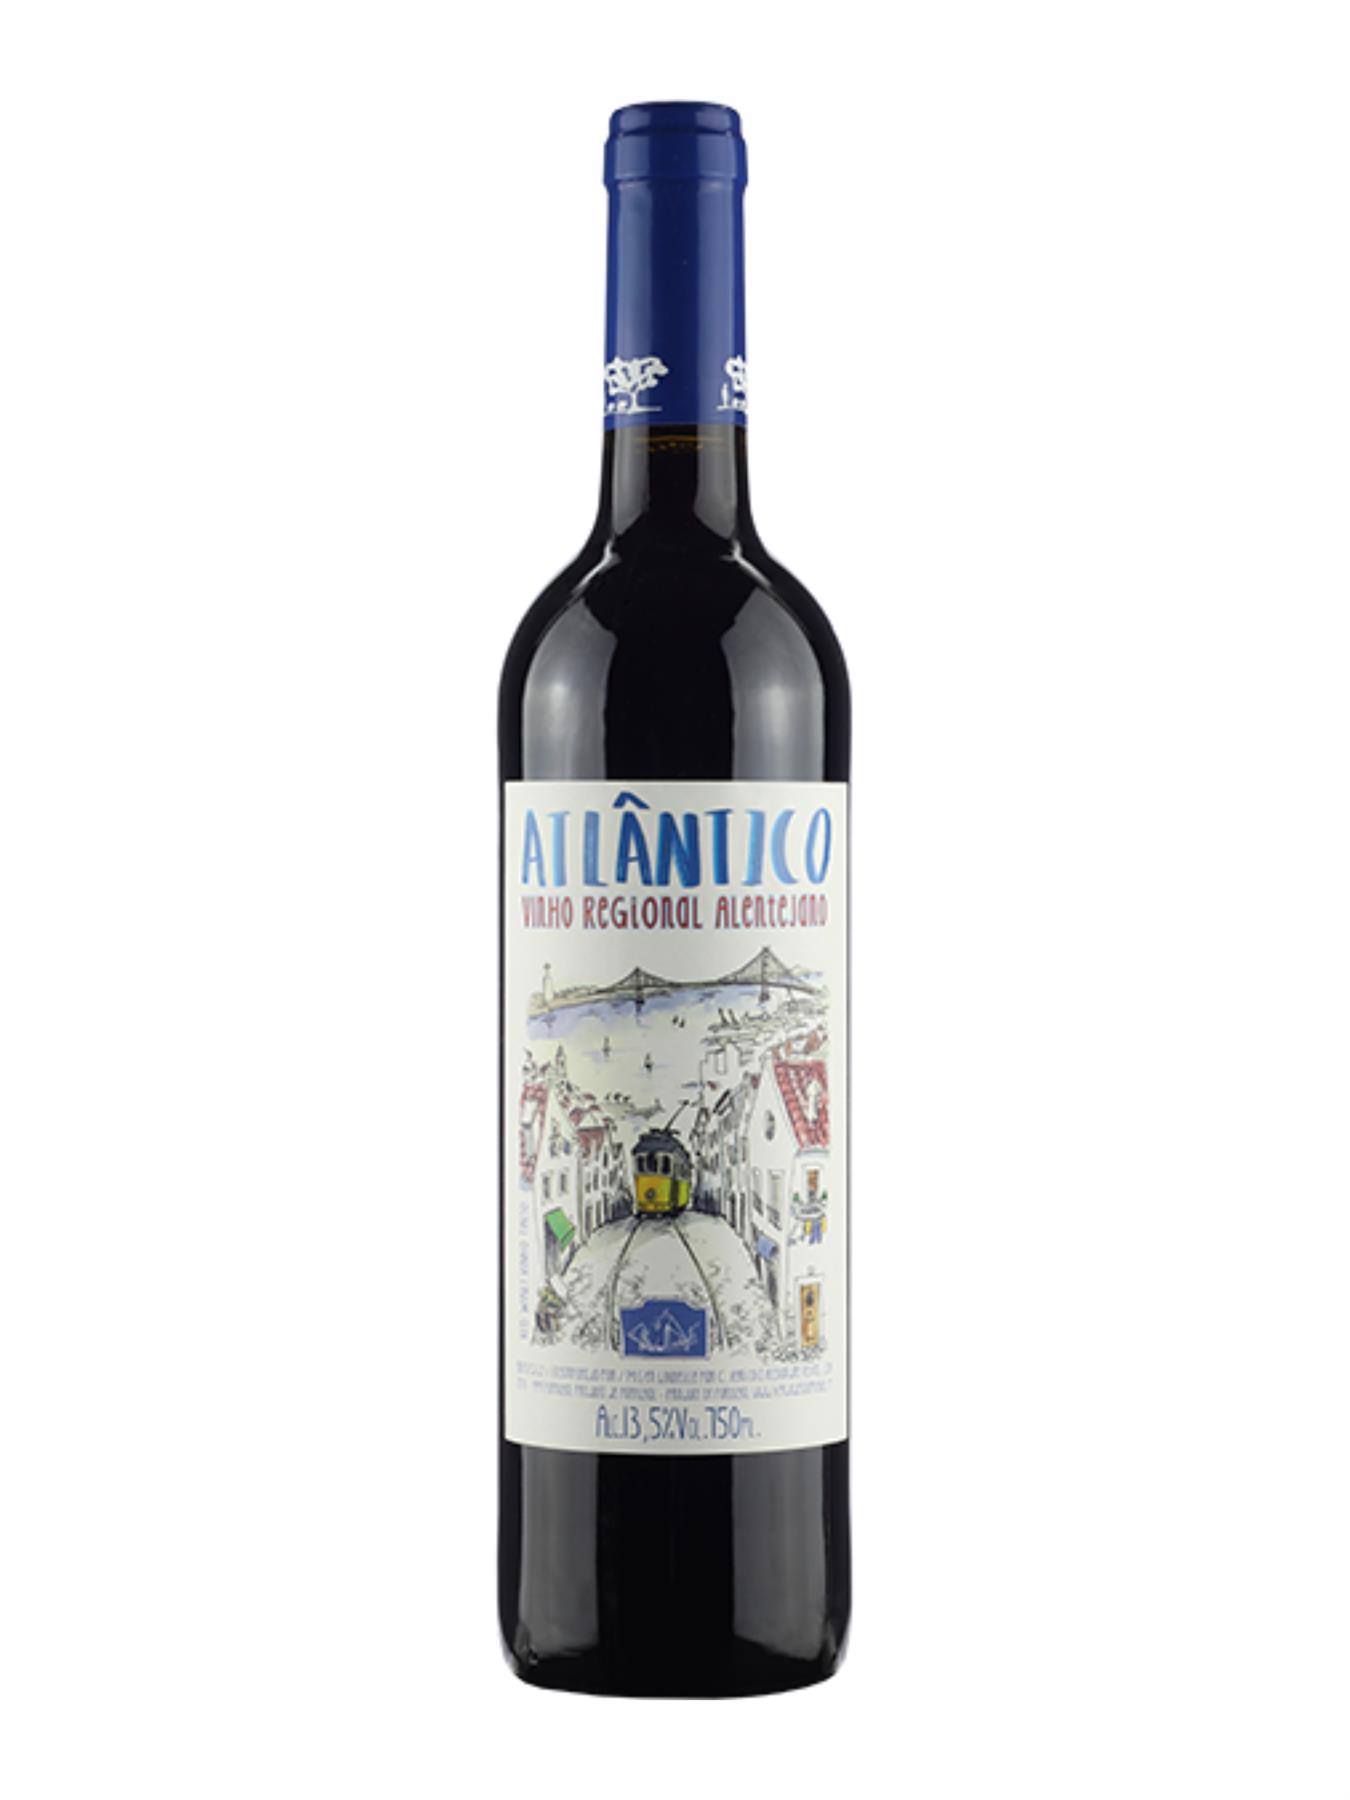 VINHO ATLANTICO ALENTEJO TINTO 750ML